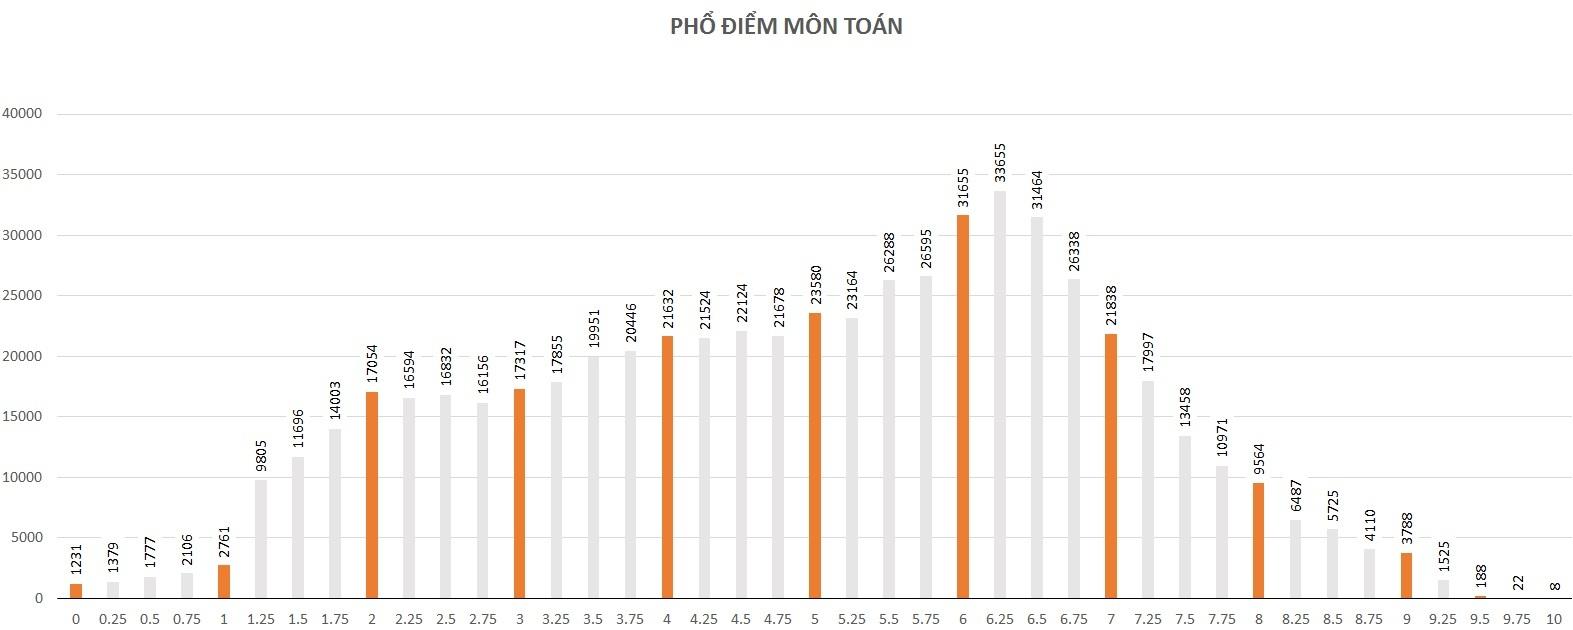 Phổ điểm, xét tuyển đại học, điểm thi, kỳ thi THPT quốc gia 2016